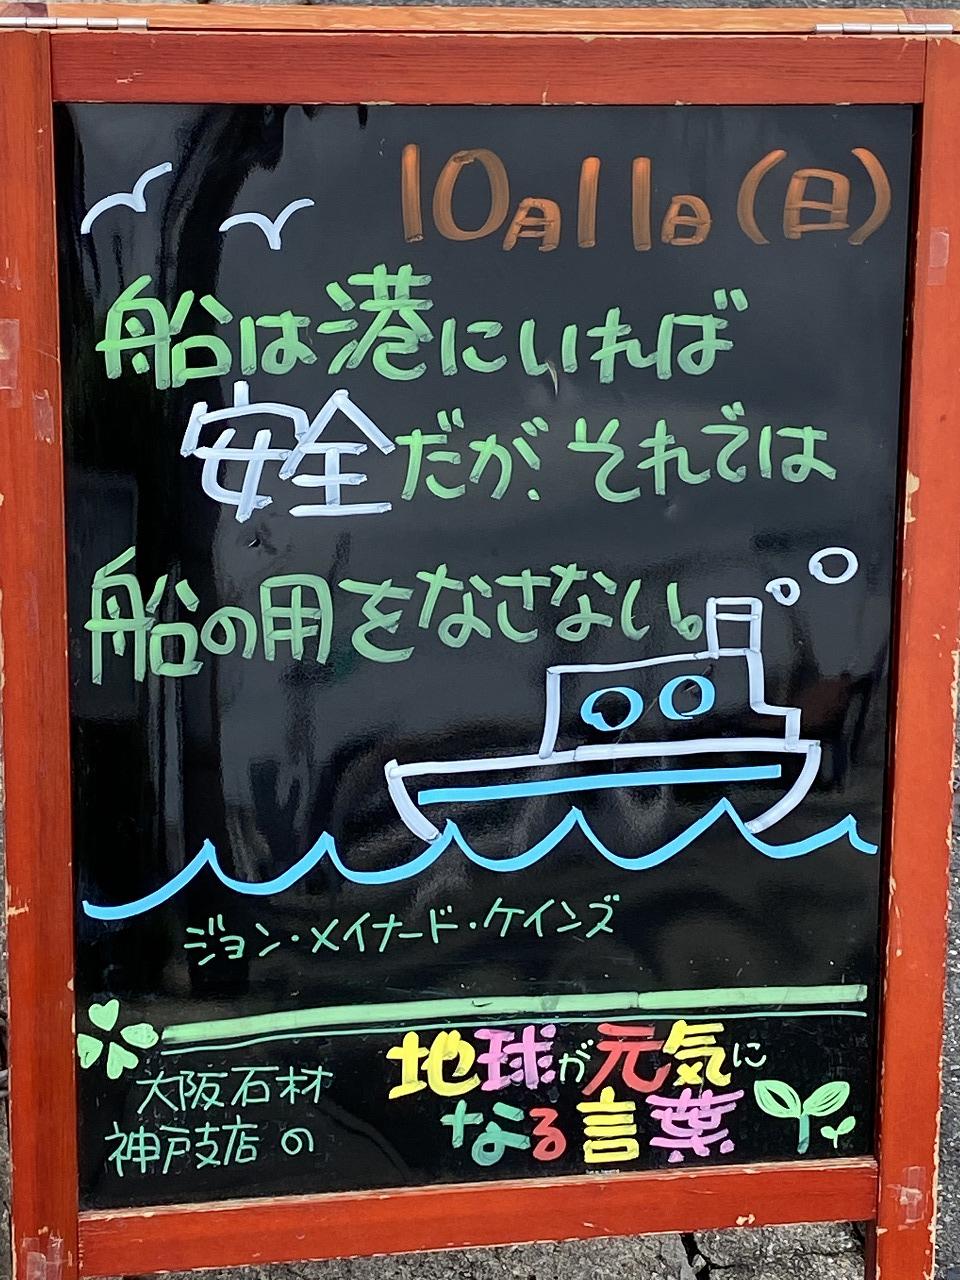 神戸の墓石店「地球が元気になる言葉」の写真 2020年10月11日